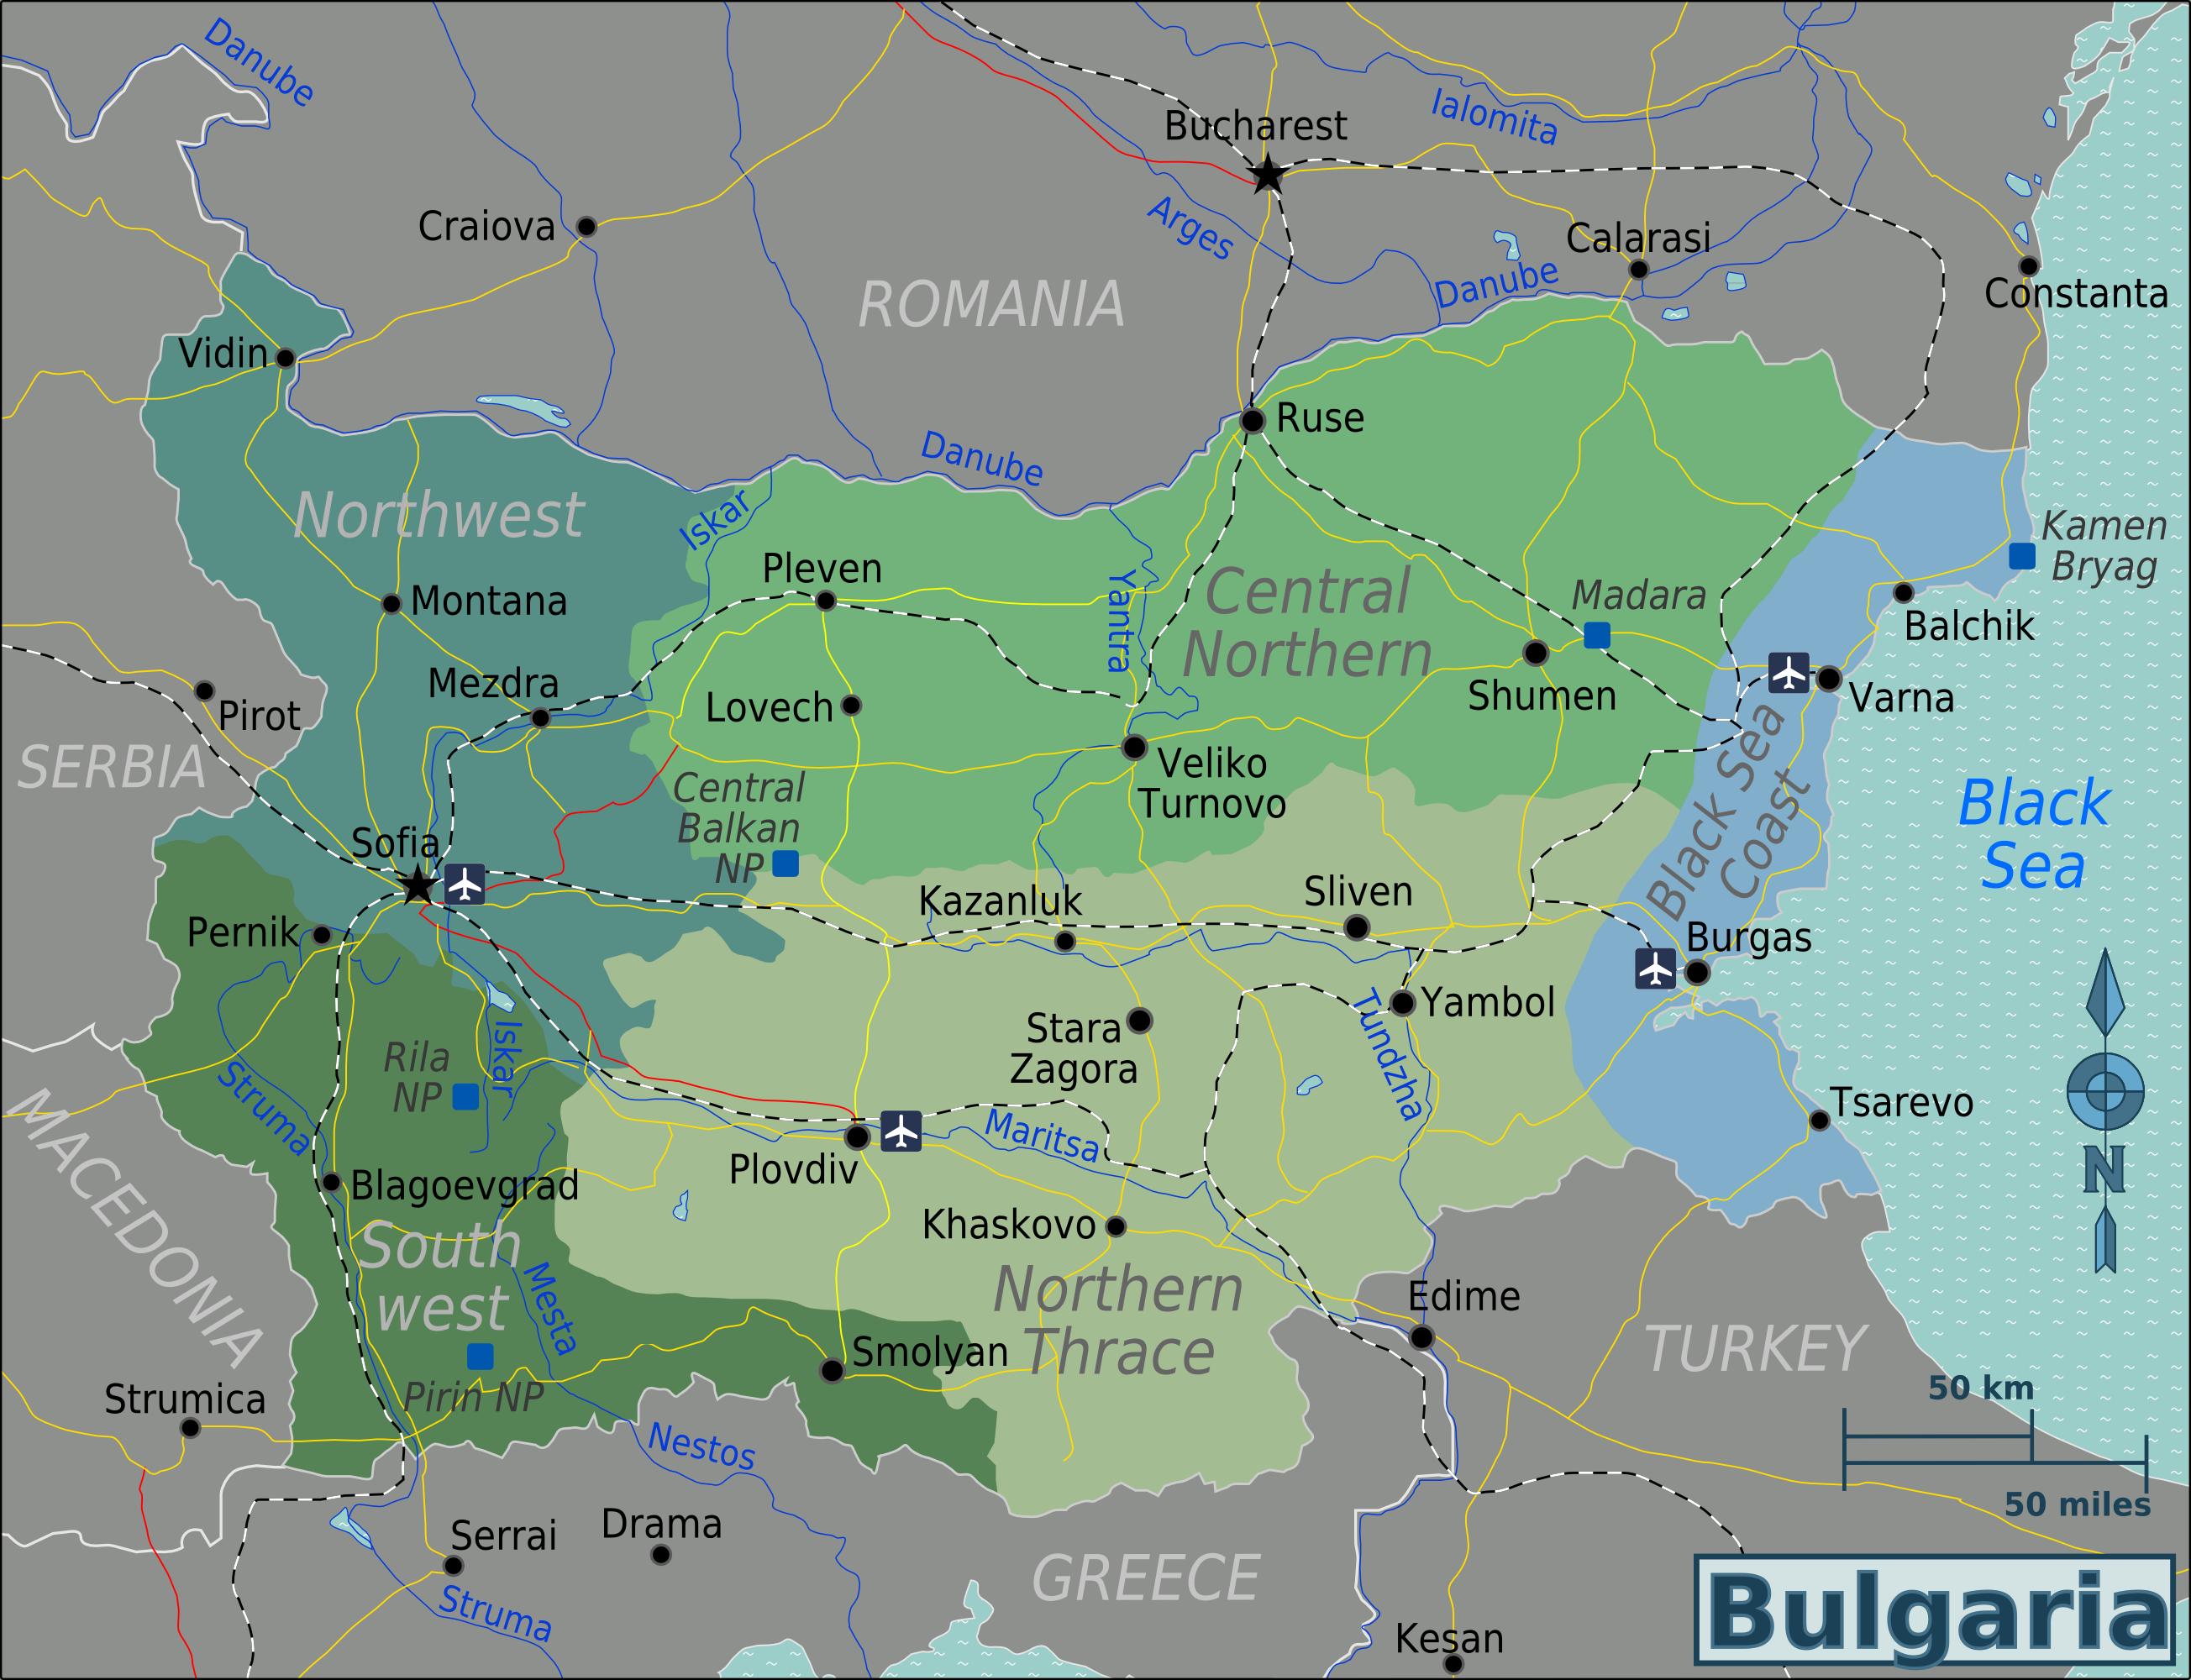 bulgarien landkarte online–bulgarien | Weltatlas bulgarien landkarte